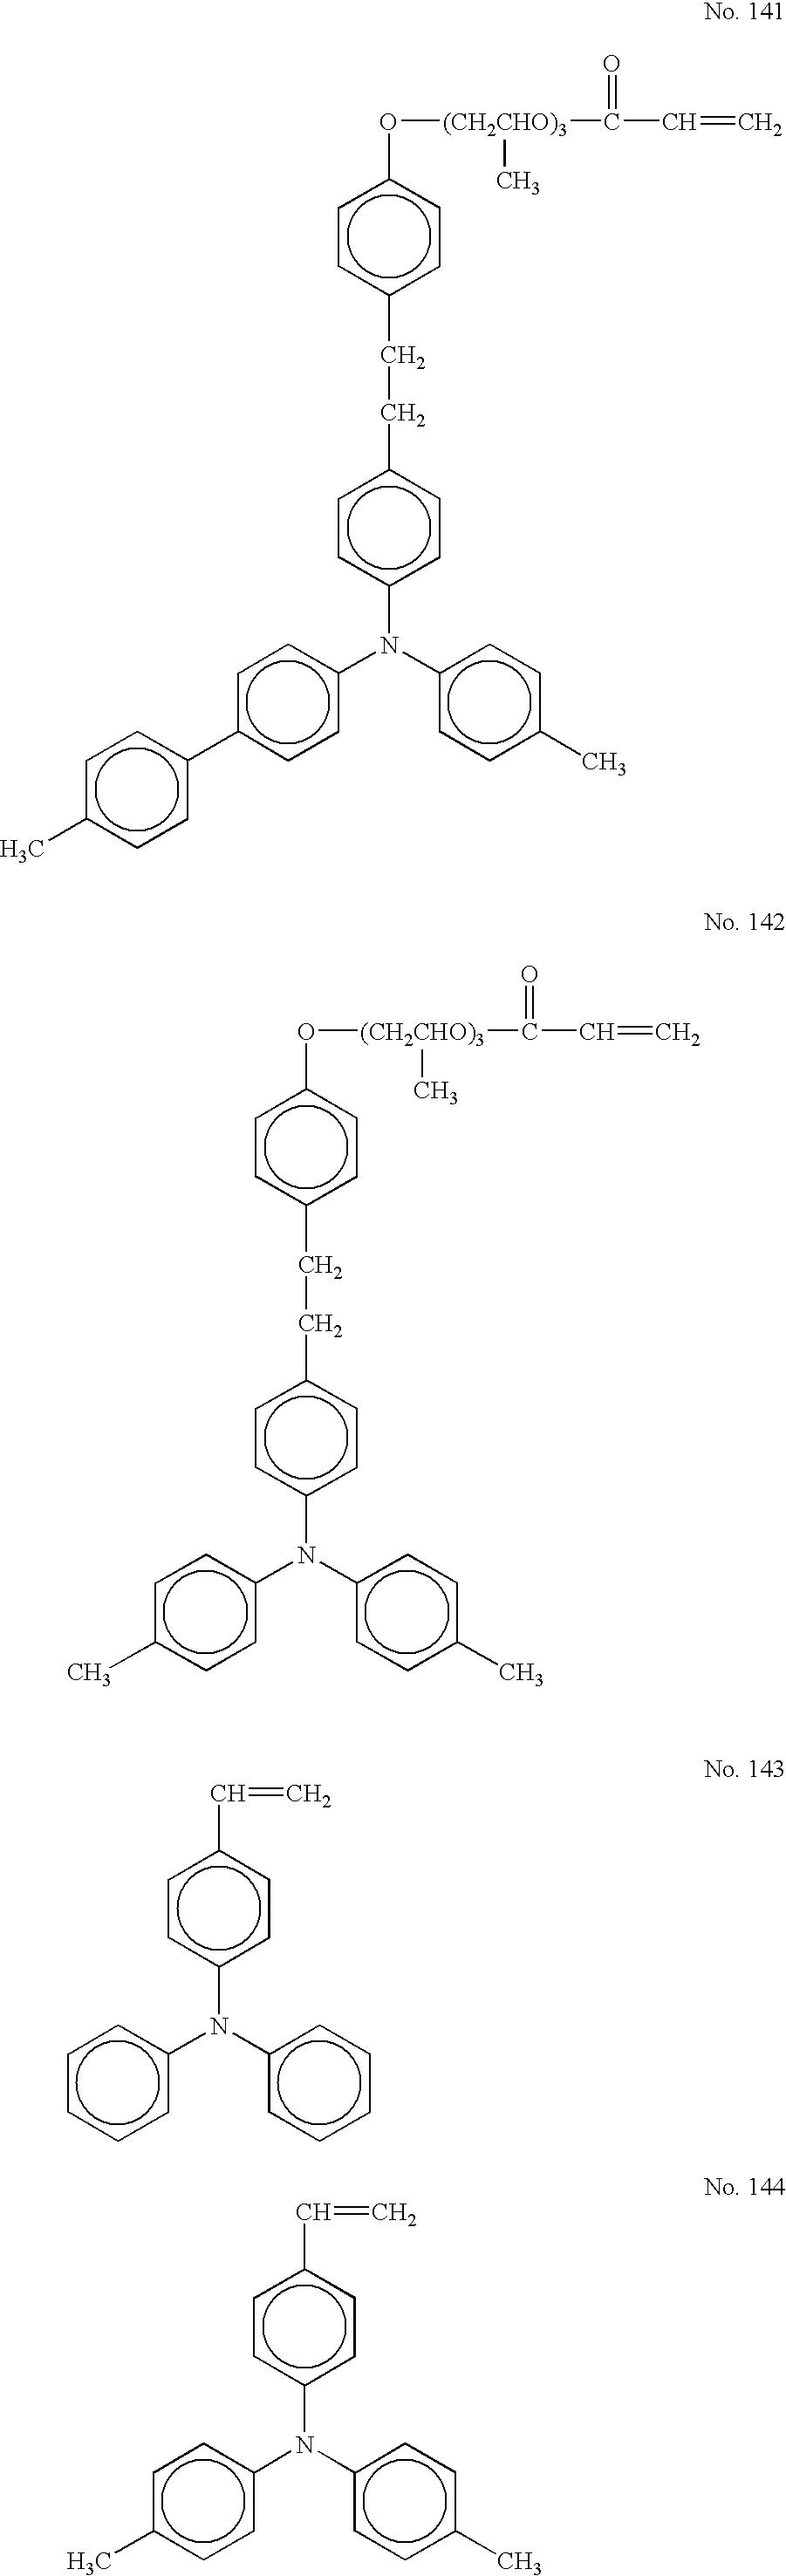 Figure US20050158641A1-20050721-C00063